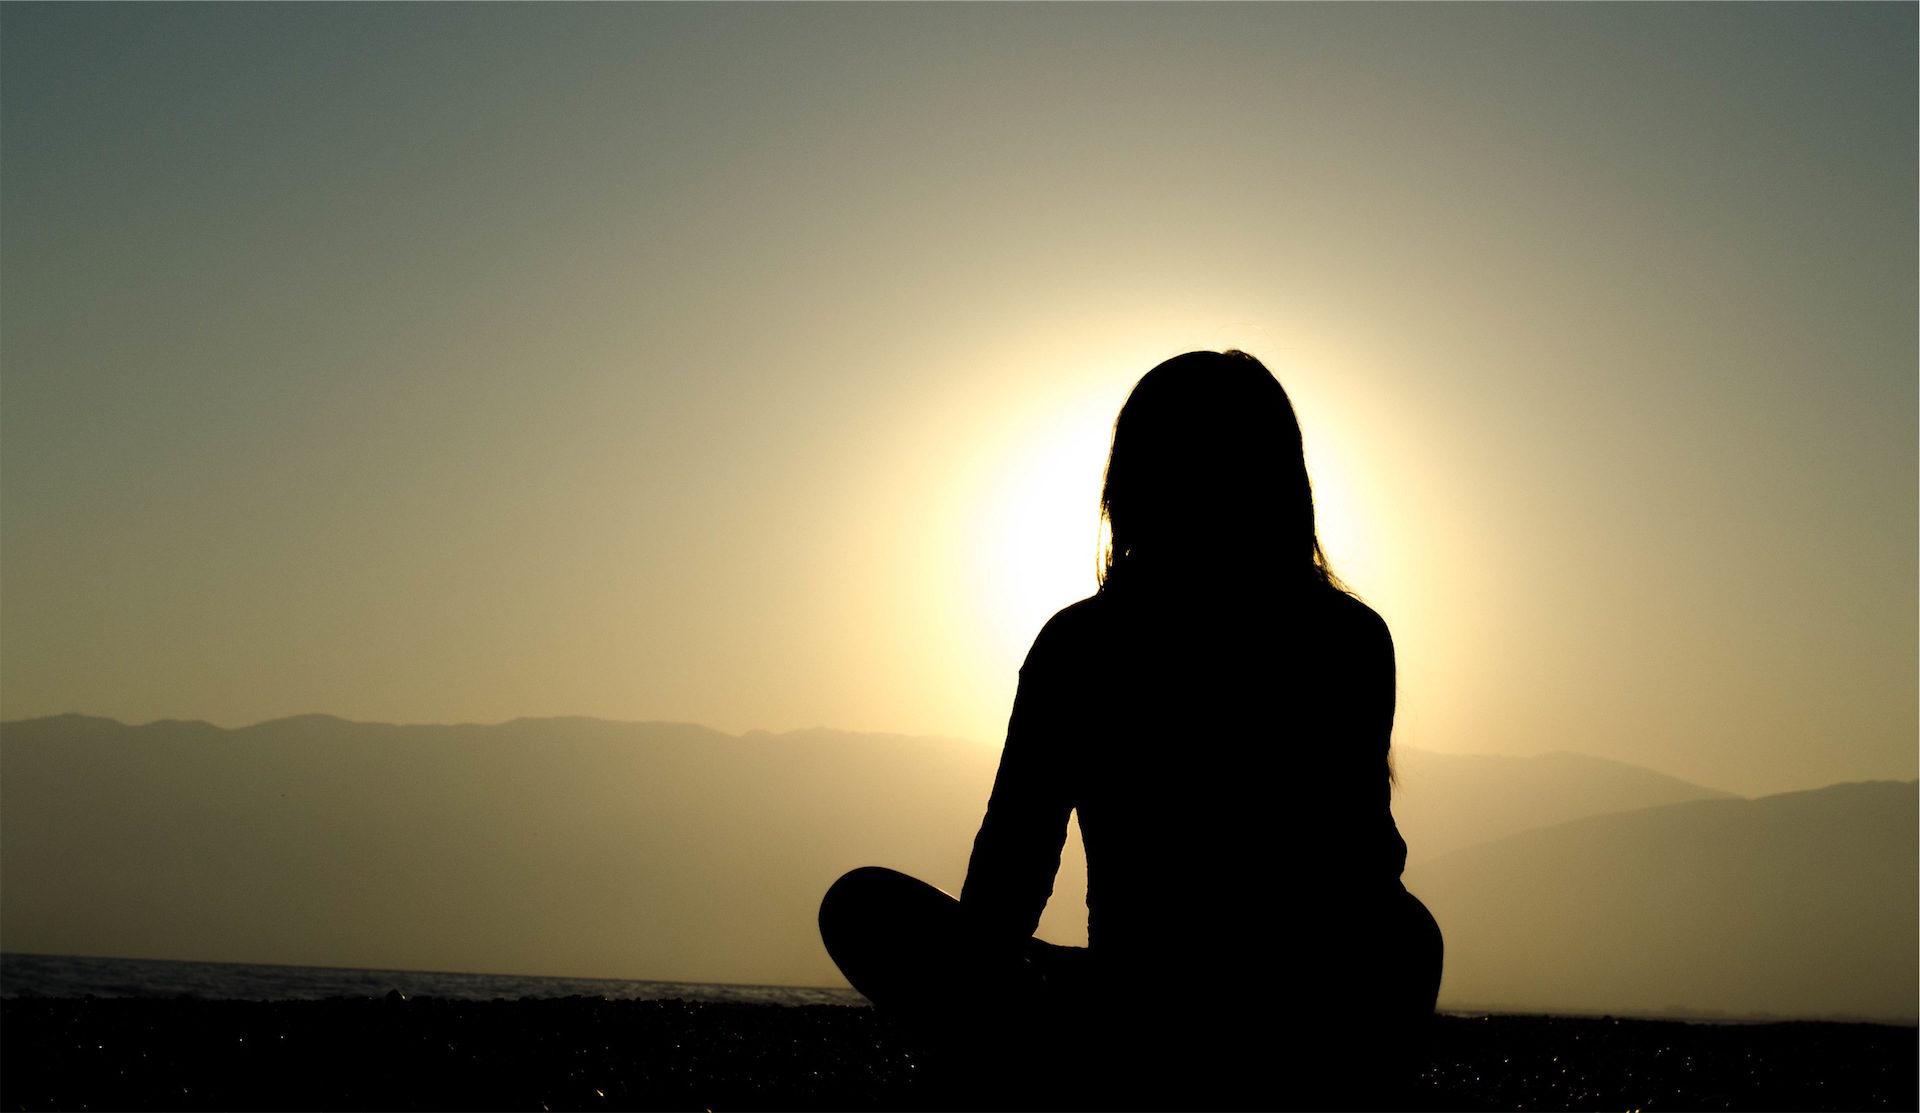 mulher, meditação, Ioga, Sol, Nirvana - Papéis de parede HD - Professor-falken.com